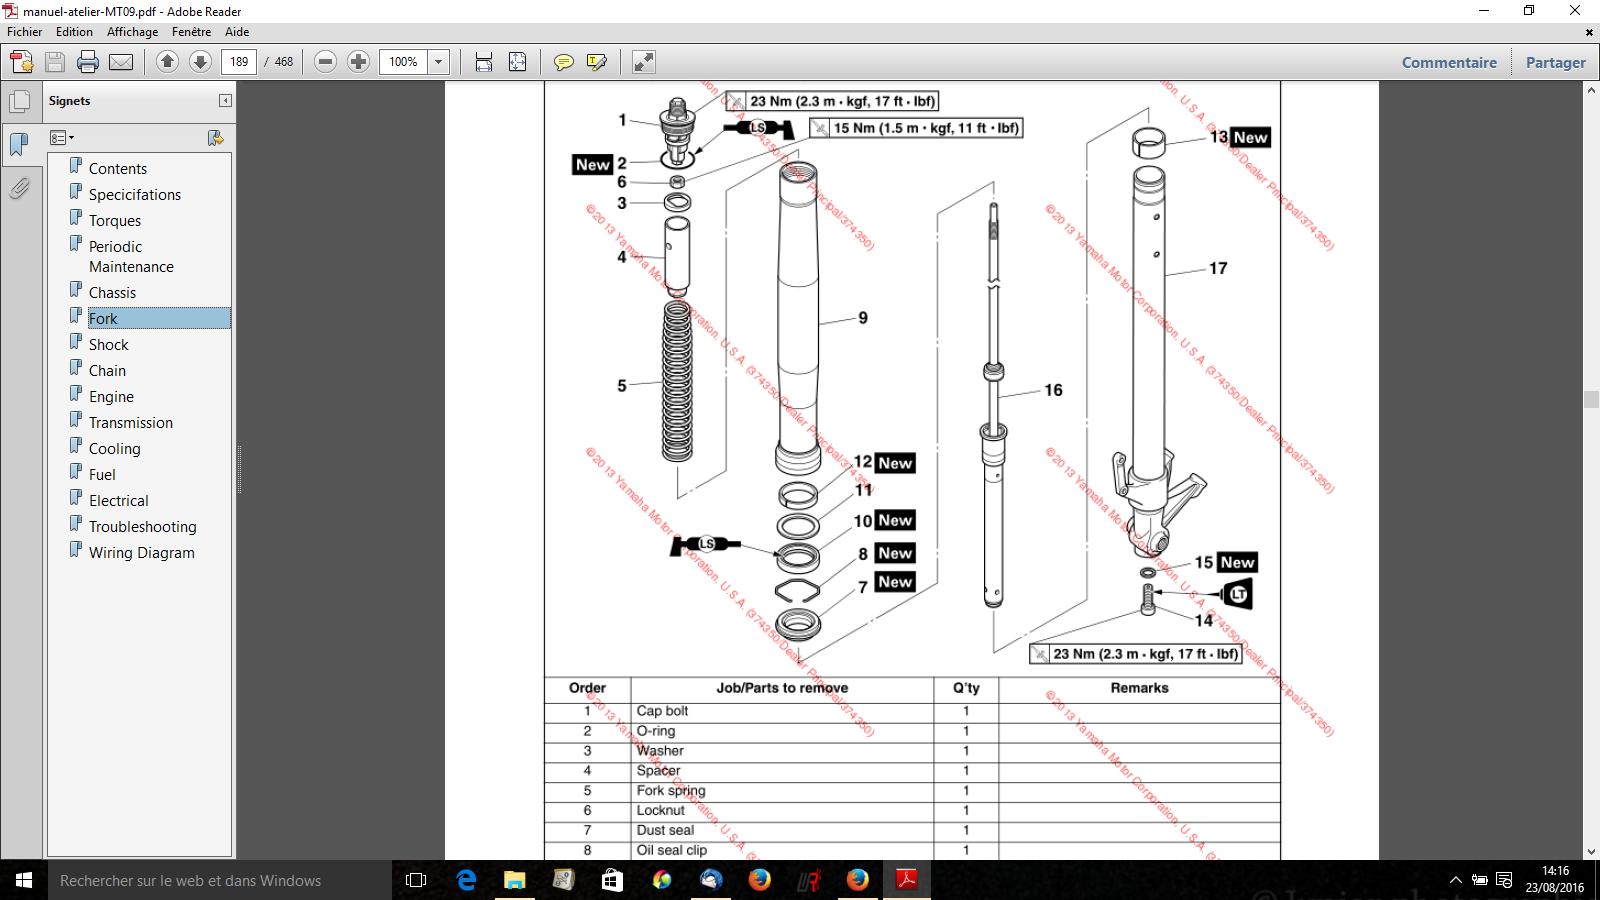 Cartouche supplémentaire fourche - Page 6 603751Capturedcran12